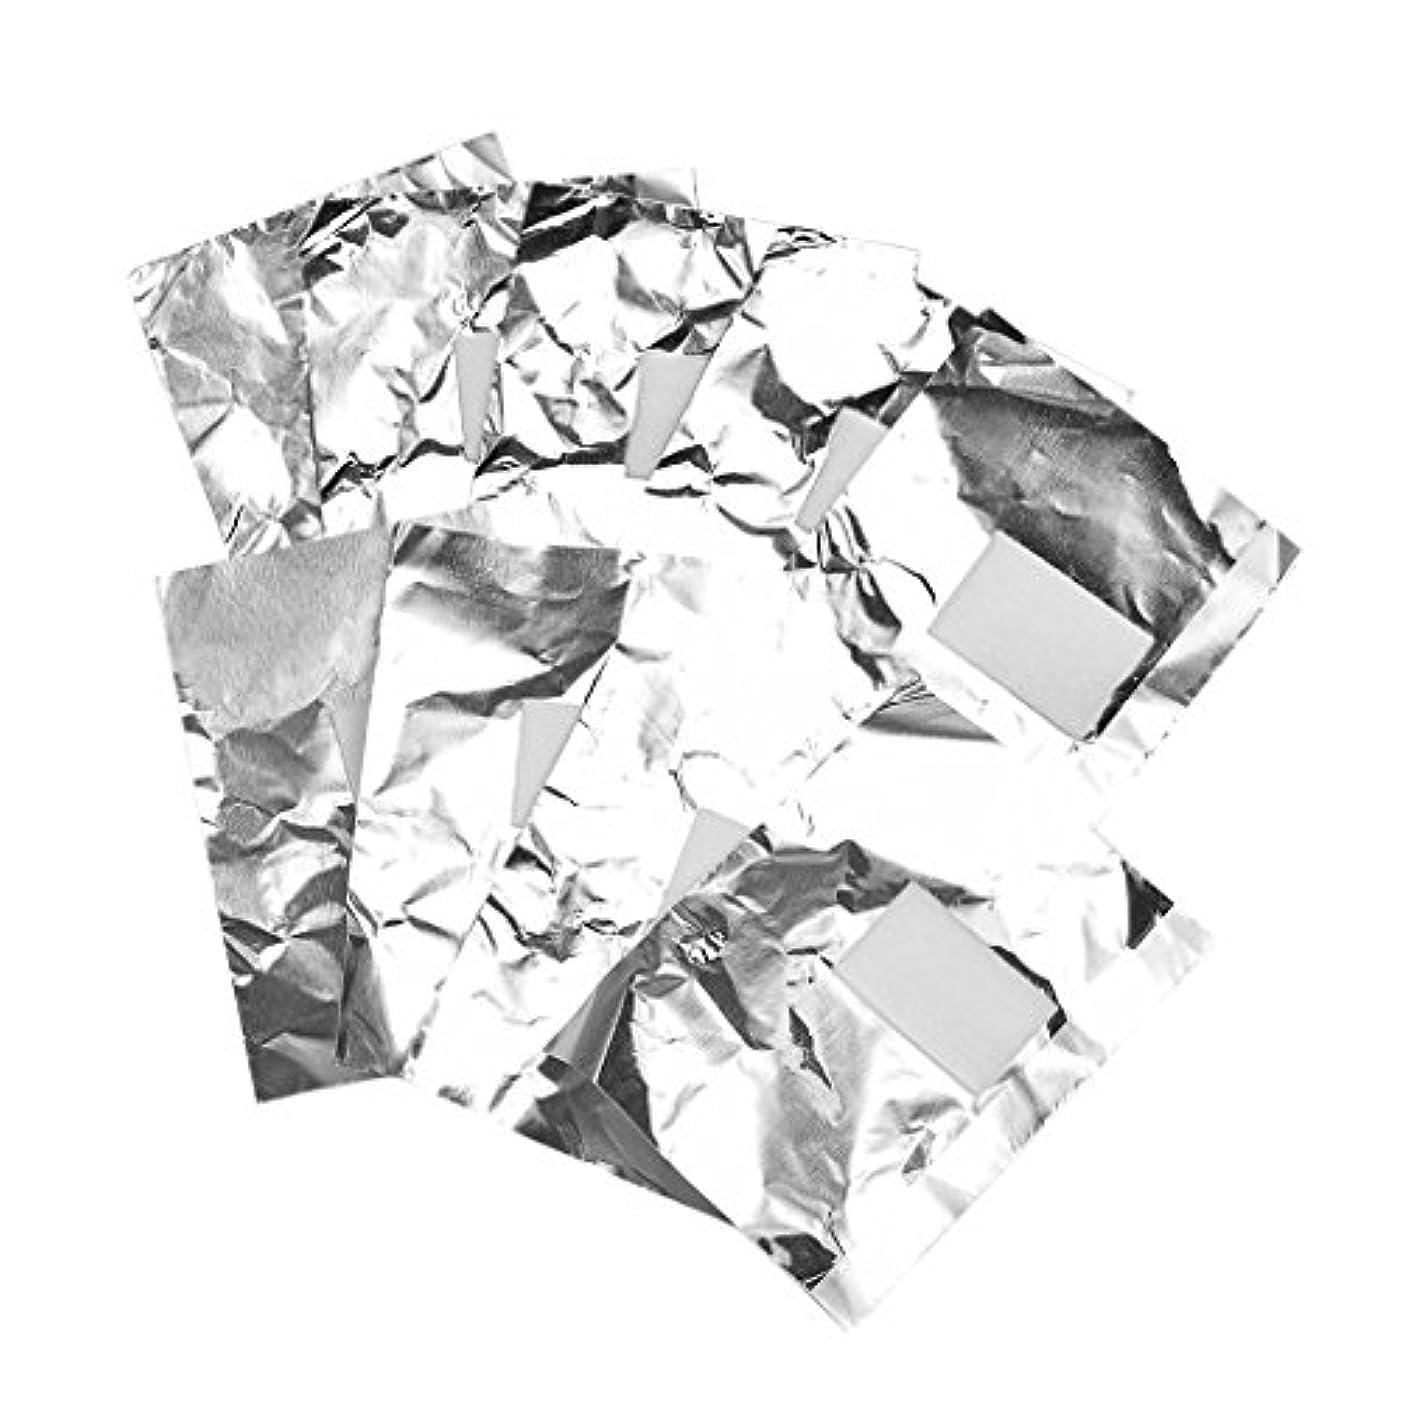 硬い欠員減らすSONONIA 約100枚 ネイルアート ジェル除却 ドリムーバーパッド ネイル美容工具 環境にやさしい クリーナーツール